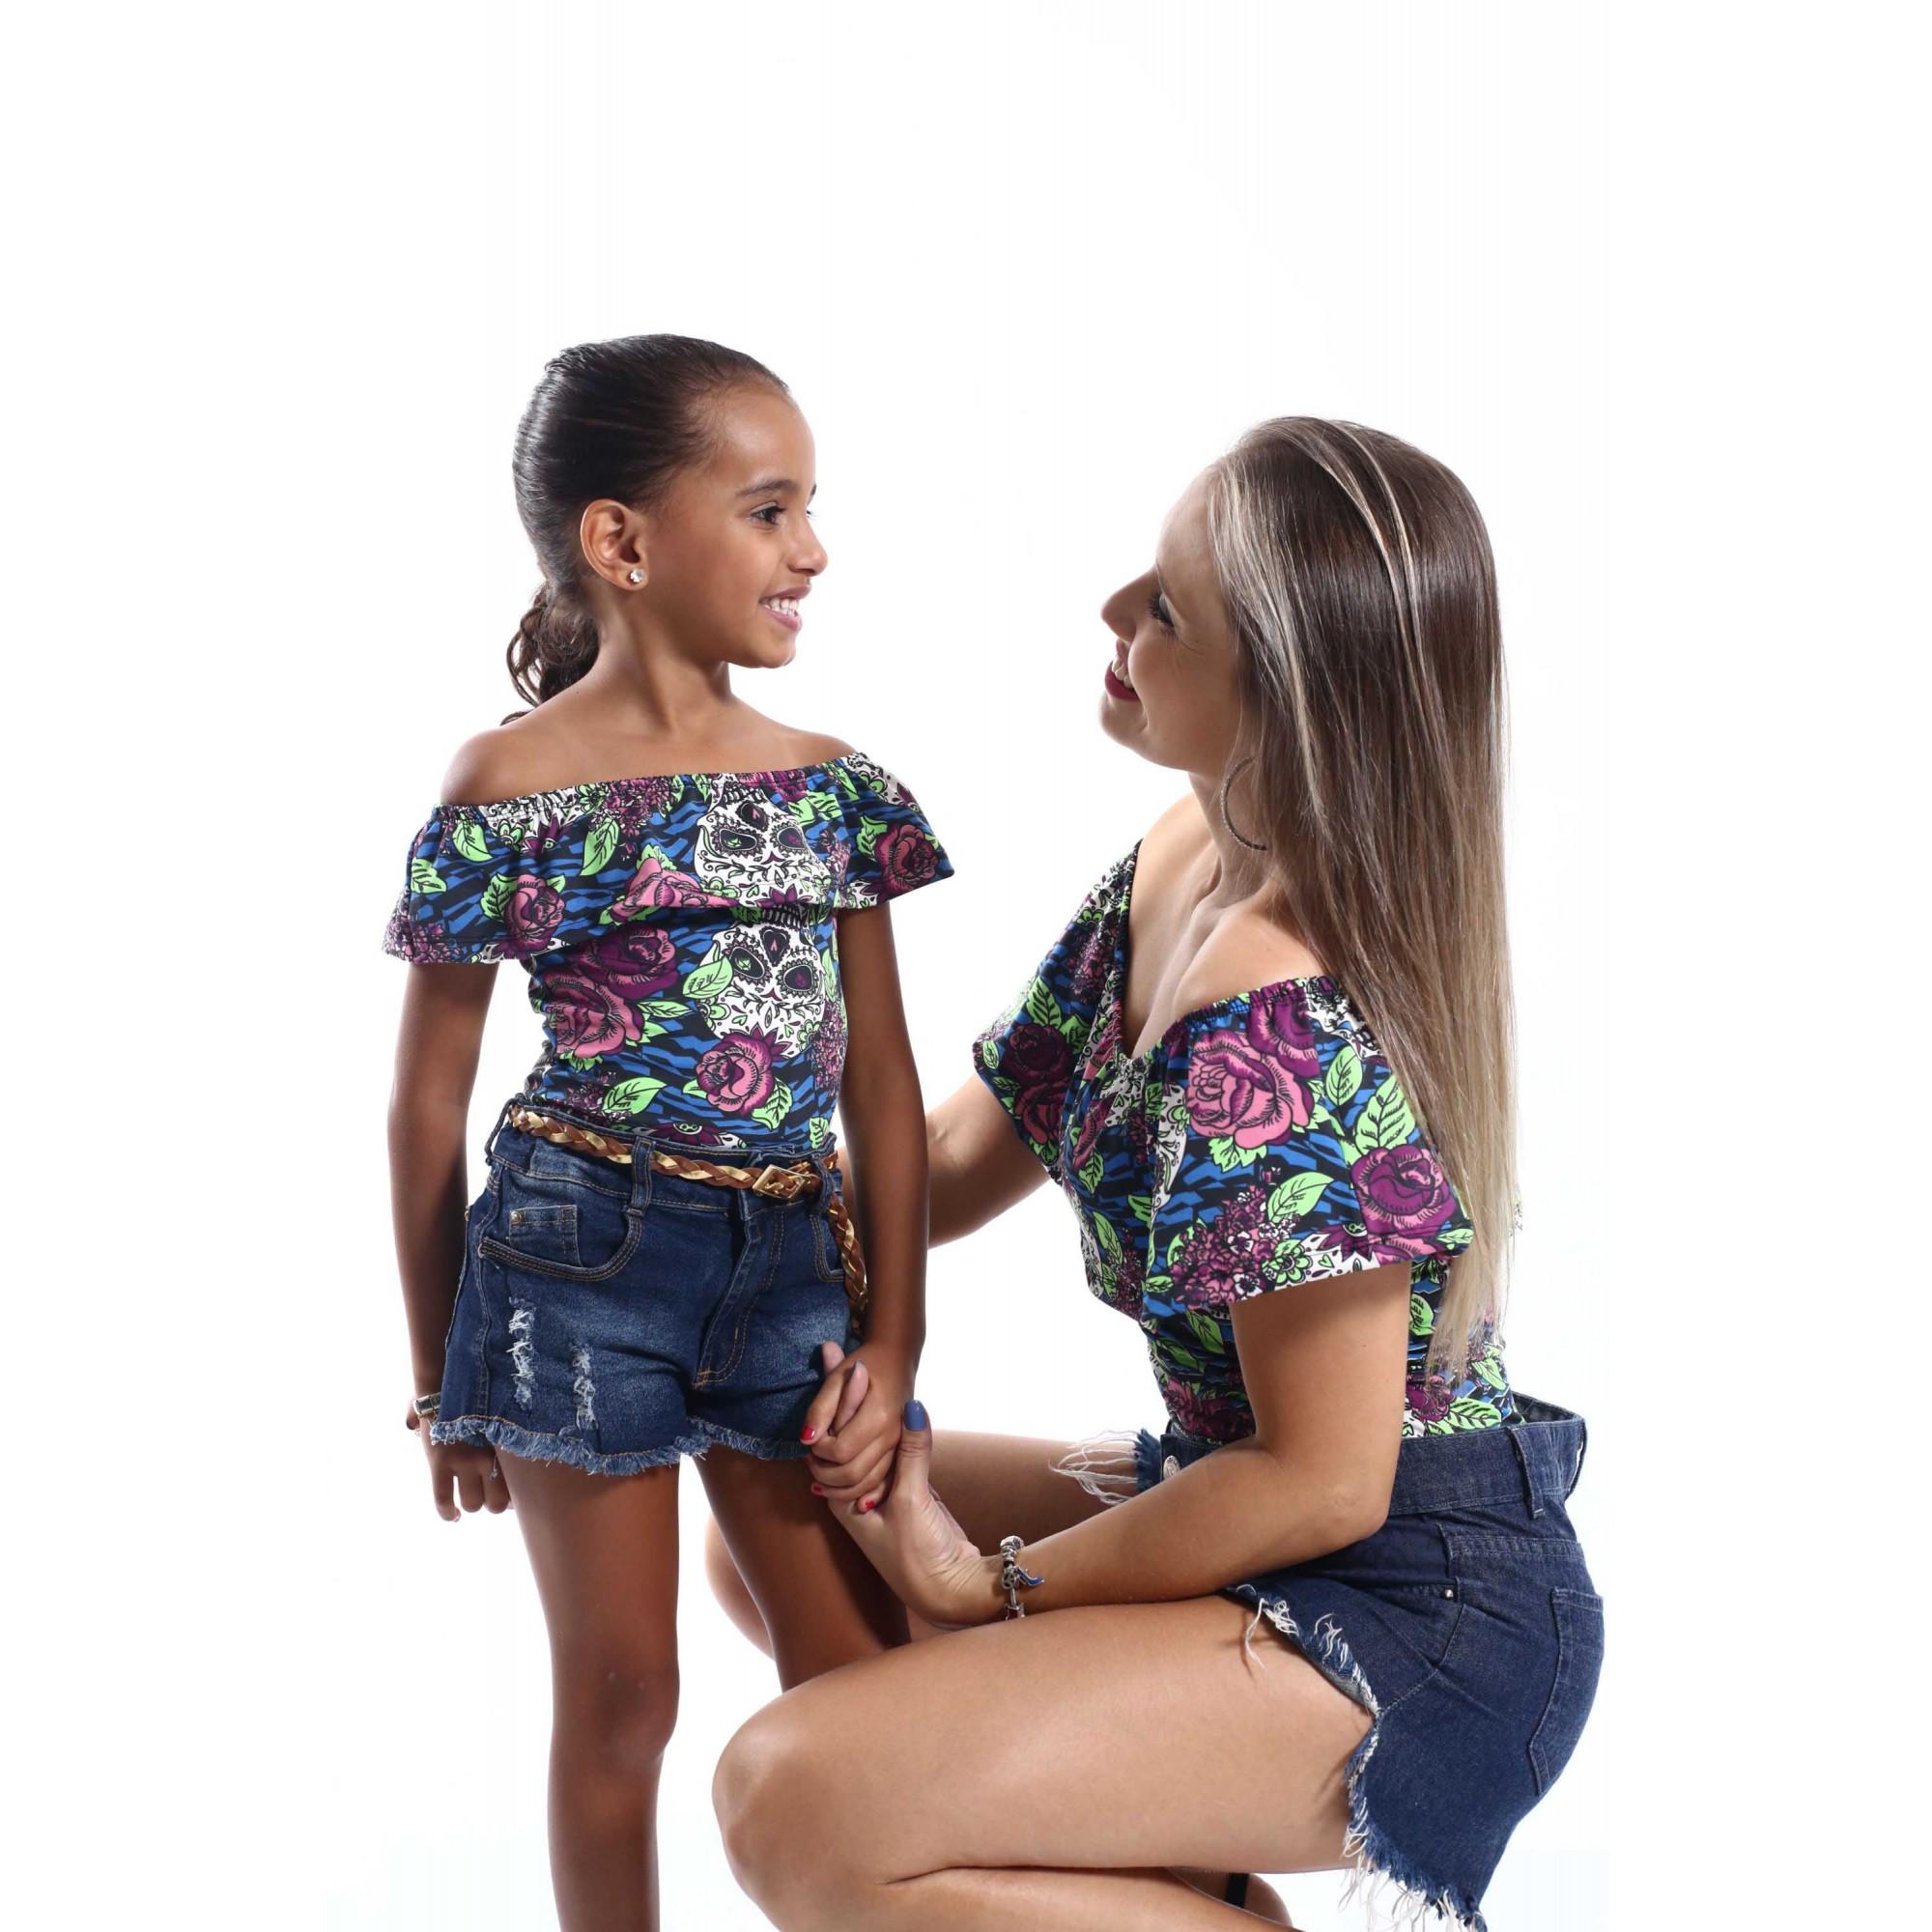 Mãe e Filha > Kit 02 Bodys Femininos Caveira Mexicana  [Coleção Tal Mãe Tal Filha]  - Heitor Fashion Brazil